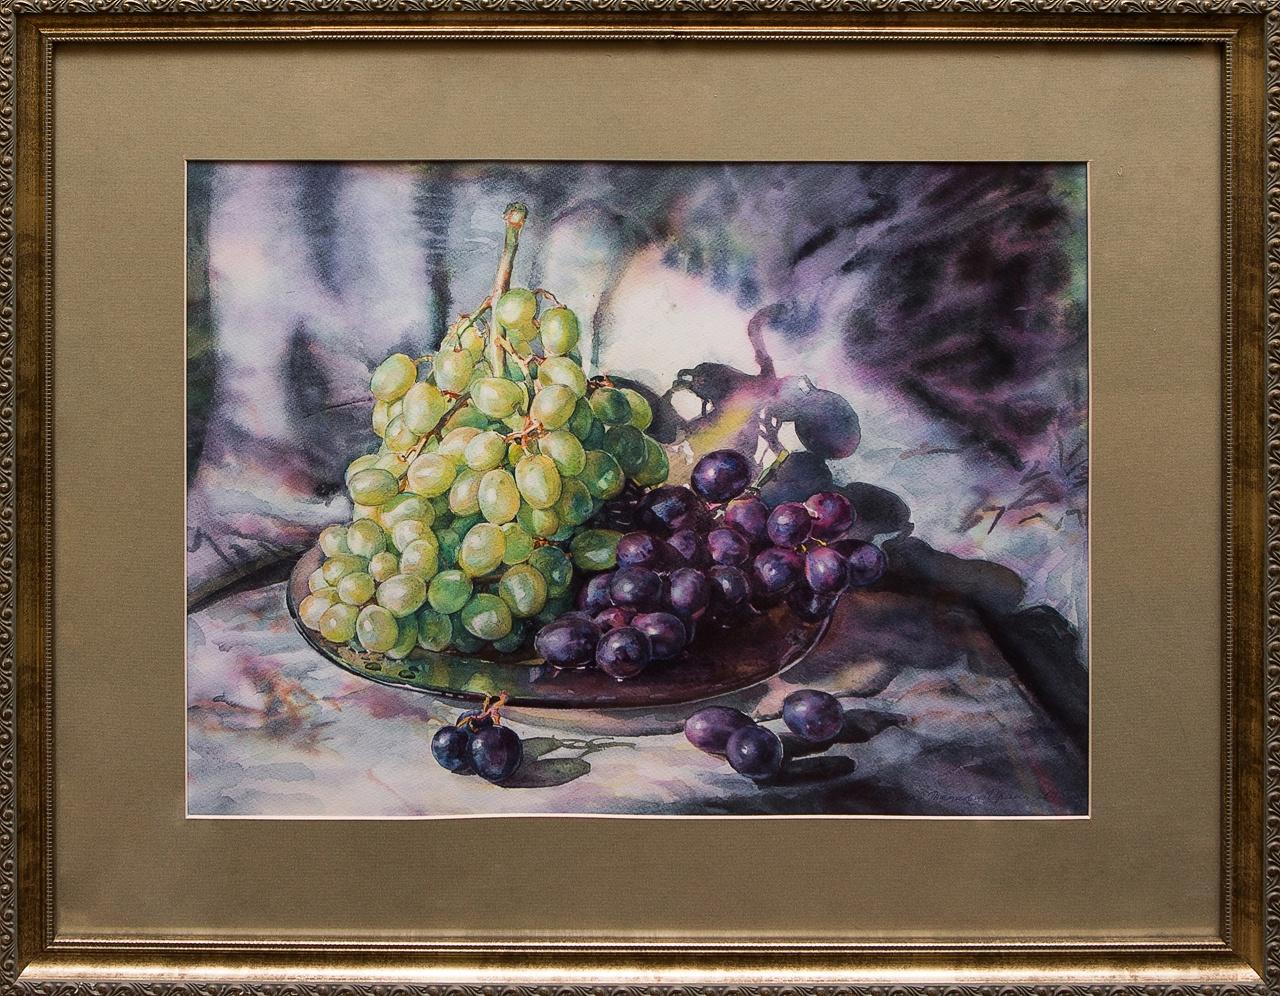 Фото - Картина акварель Гроздь винограда Коробкина коробкина т ред ярославль